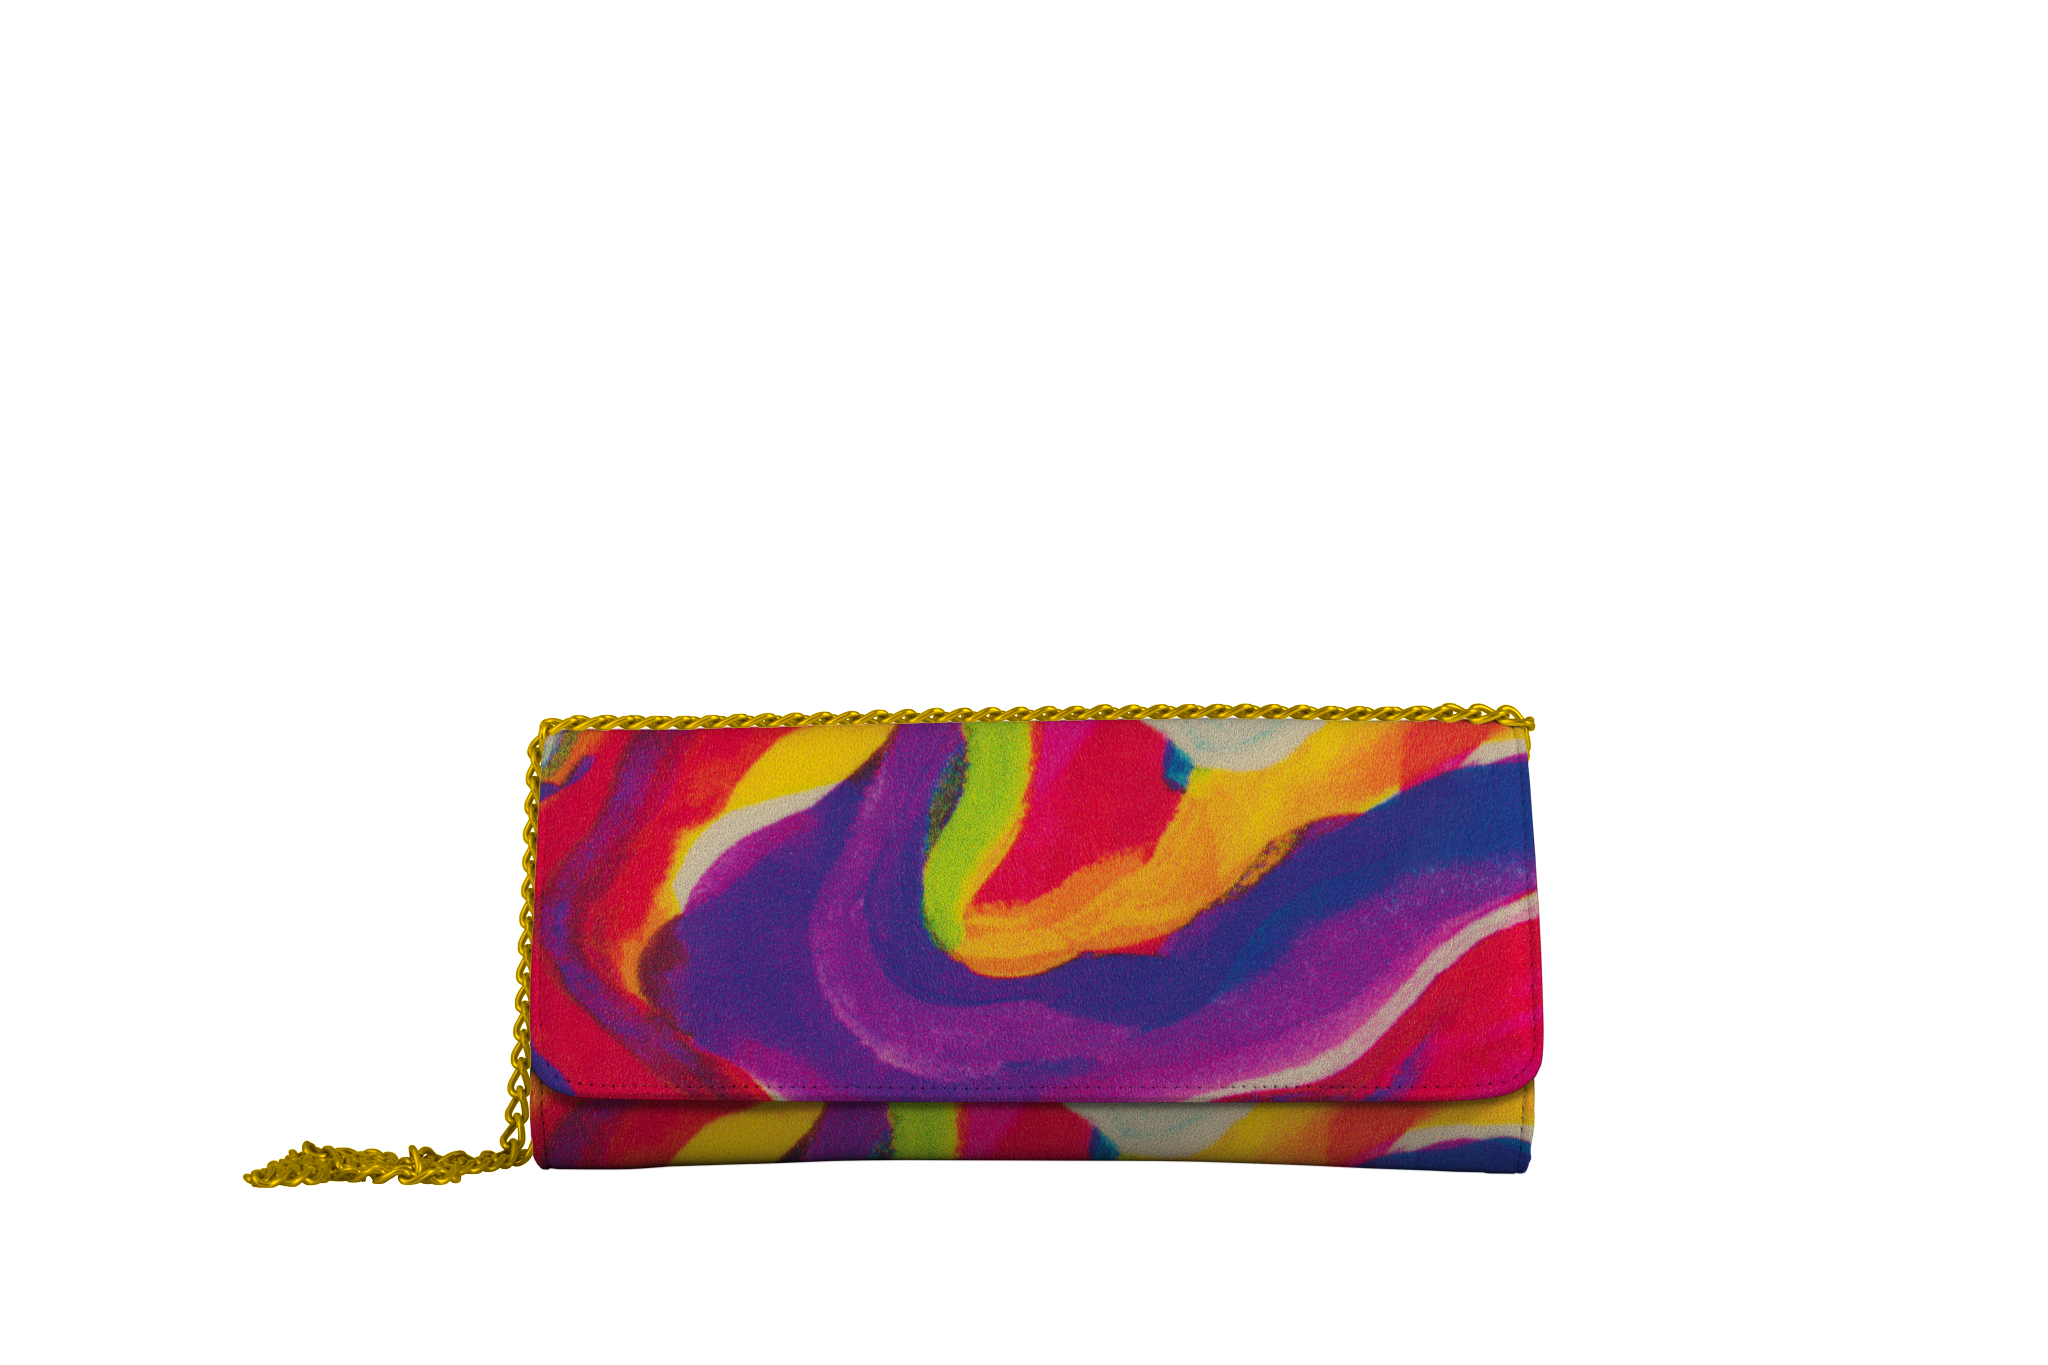 Art.4Multicolor Esterno 5d1cce03377e1.png